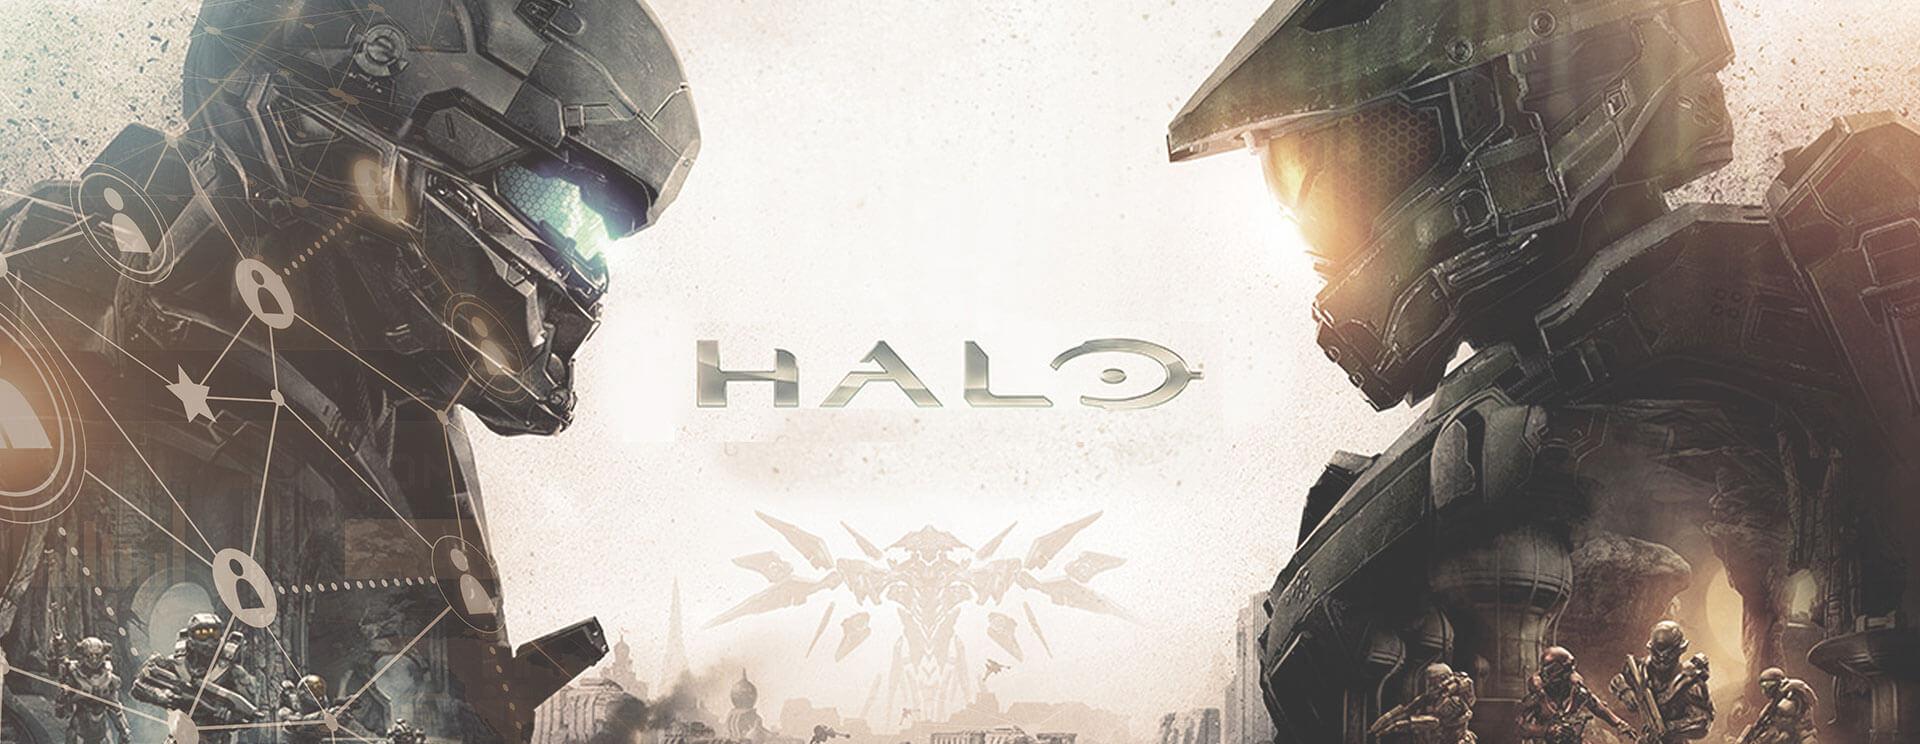 Concurso Halo